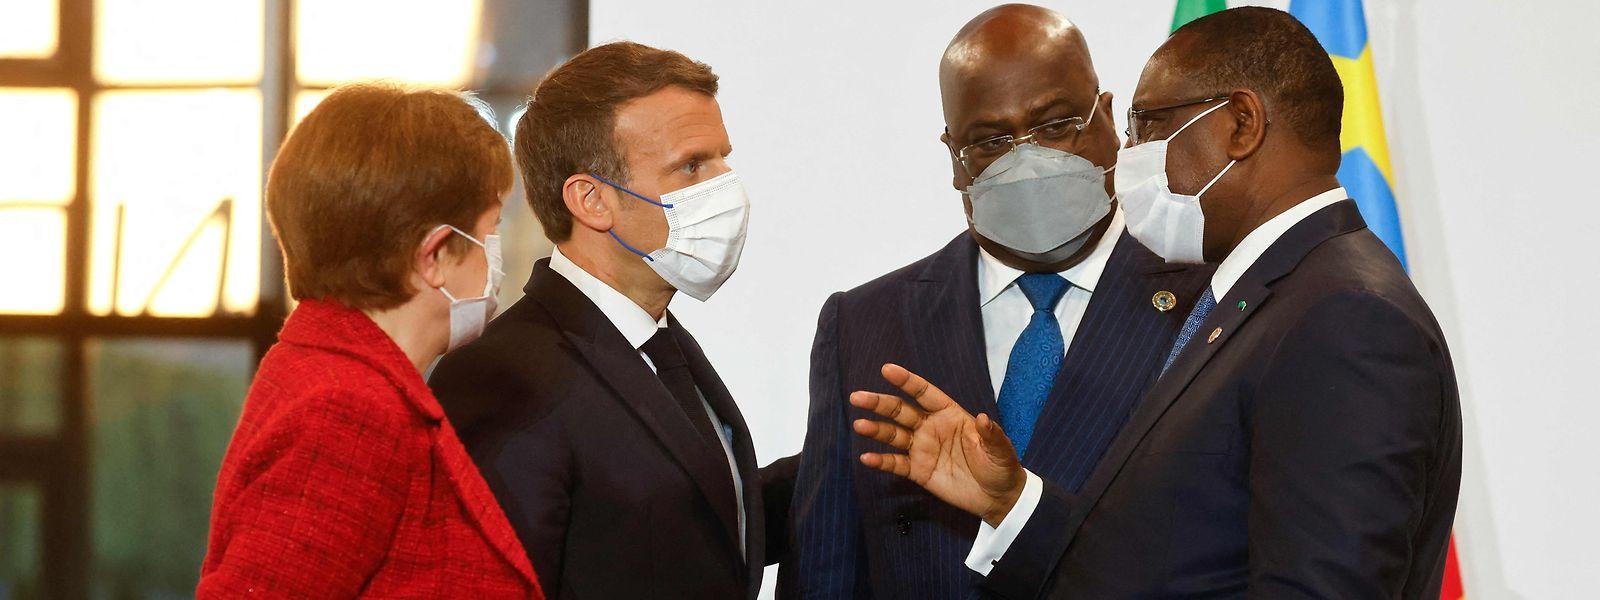 French President Emmanuel Macron und FMI-Chefin  Kristalina Georgieva (l.) unterhalten sich mit  Senegal's President Macky Sall (r.) und dem Präsidenten der Afrikanischen Union und der Republik Kongo, Democratic Felix Tshisekedi (2. v. r.)